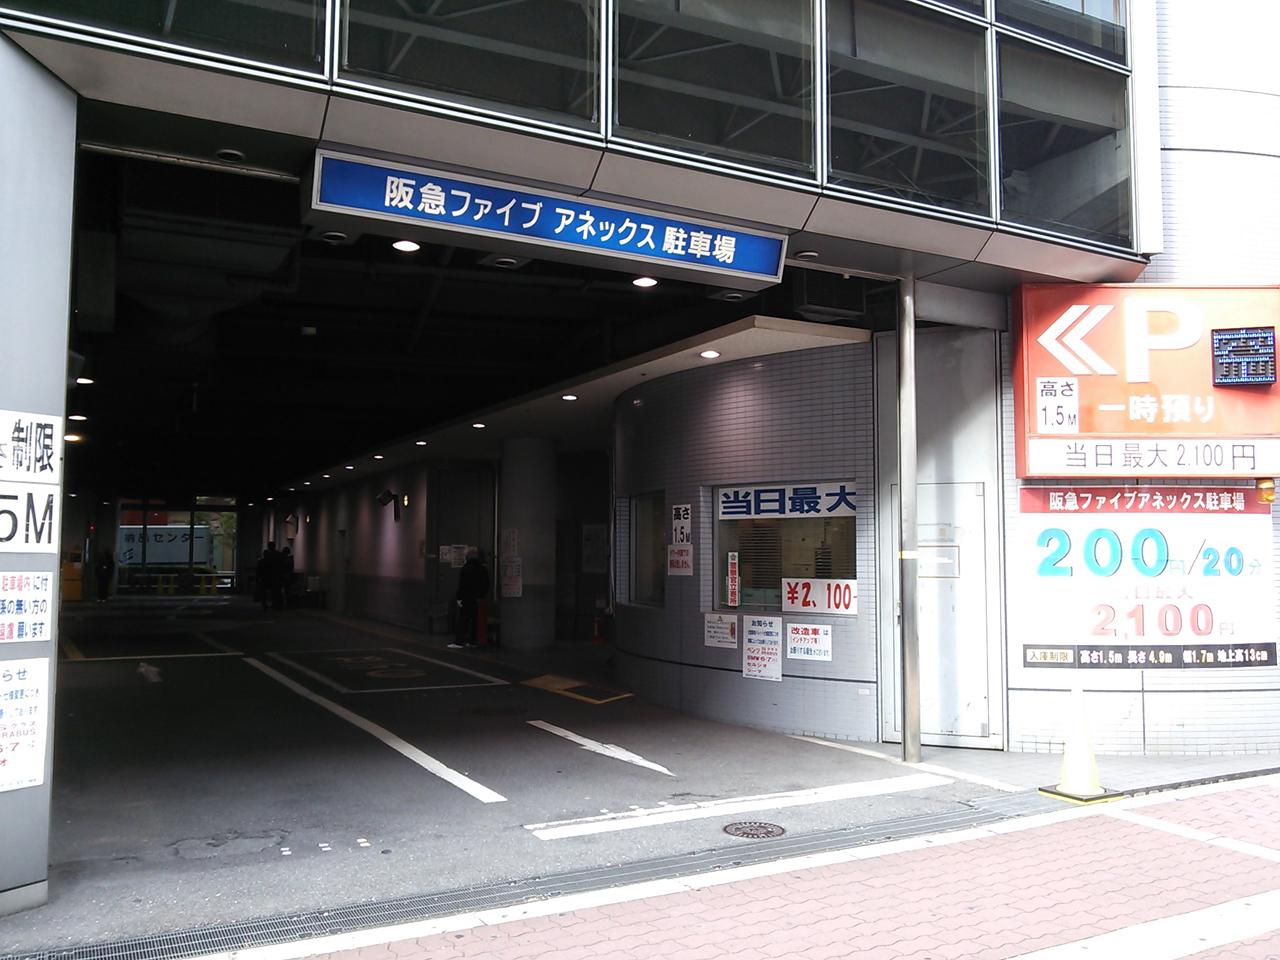 阪急ファイブアネックスの駐車場!料金や予約方法は?